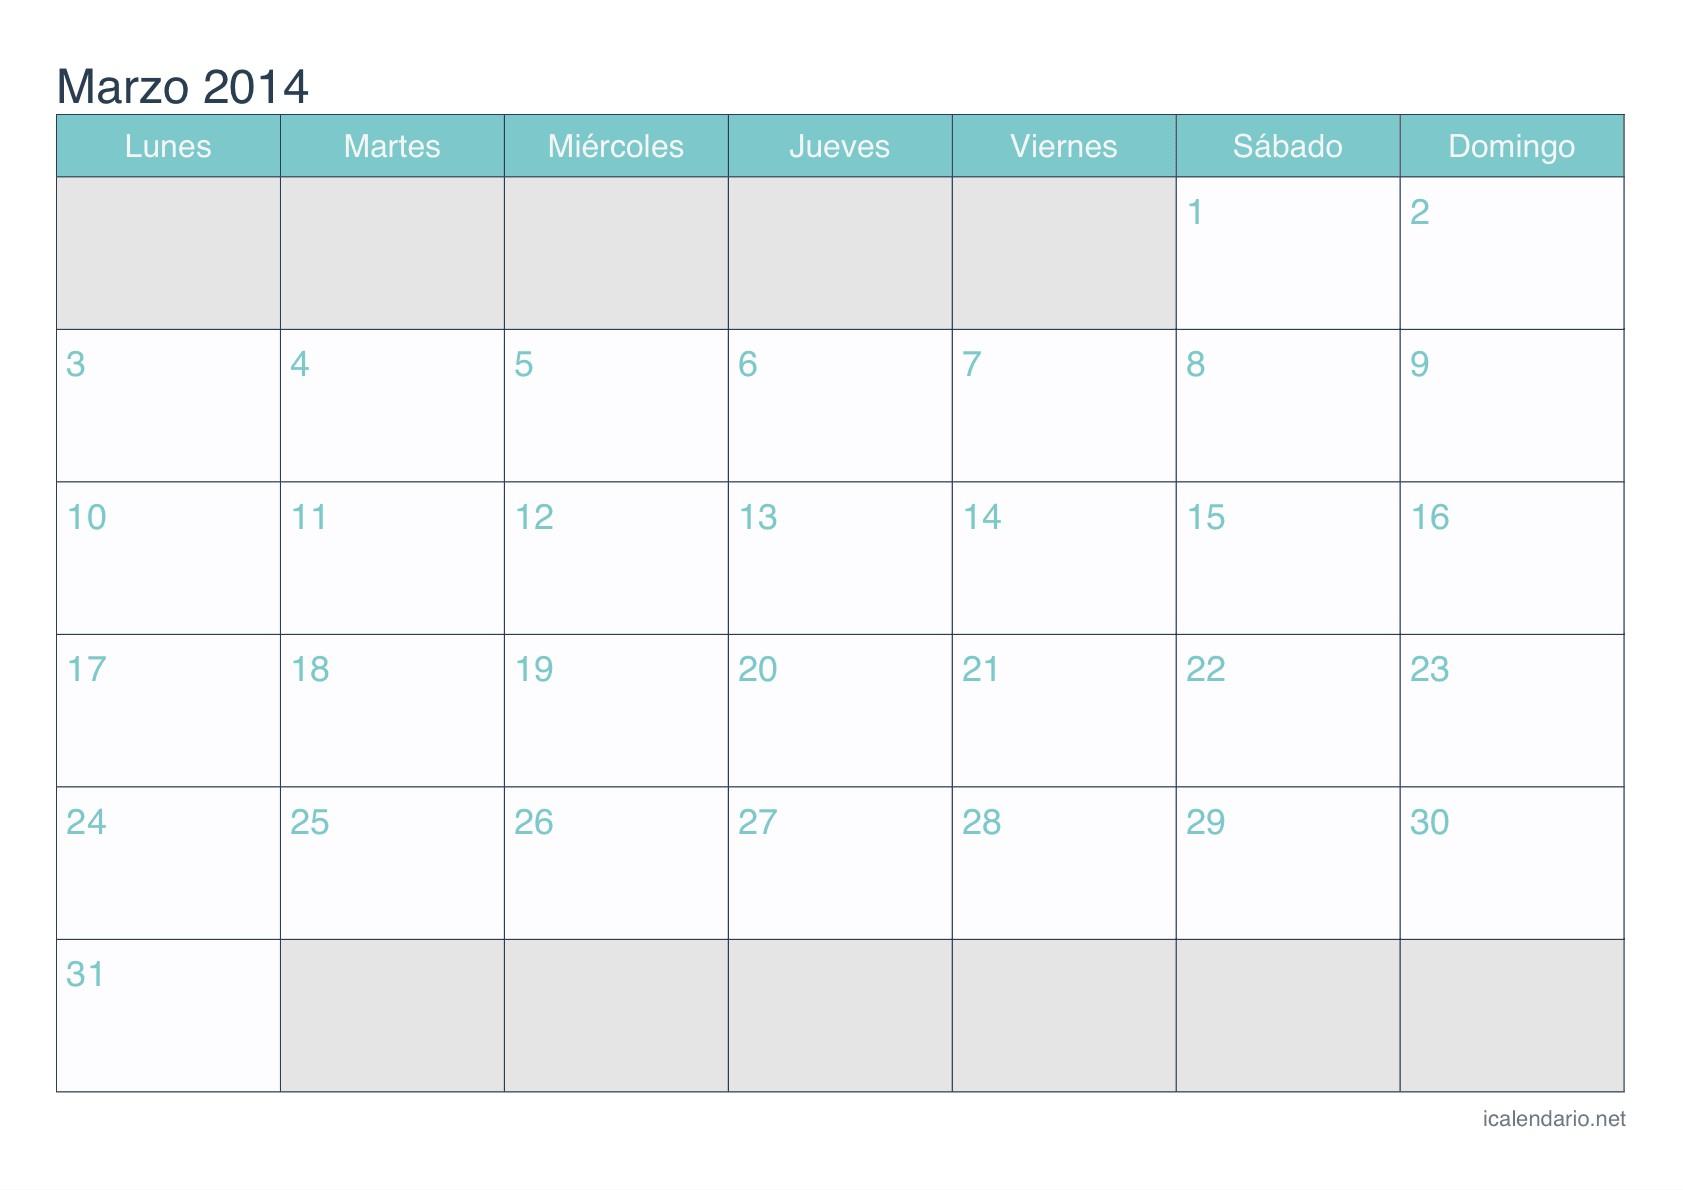 Calendario 2020 Nacional Más Actual Calendario Marzo 2015 Para Imprimir Magdalene Project Of Calendario 2020 Nacional Actual Edici³n Impresa 12 04 2017 Pages 1 40 Text Version